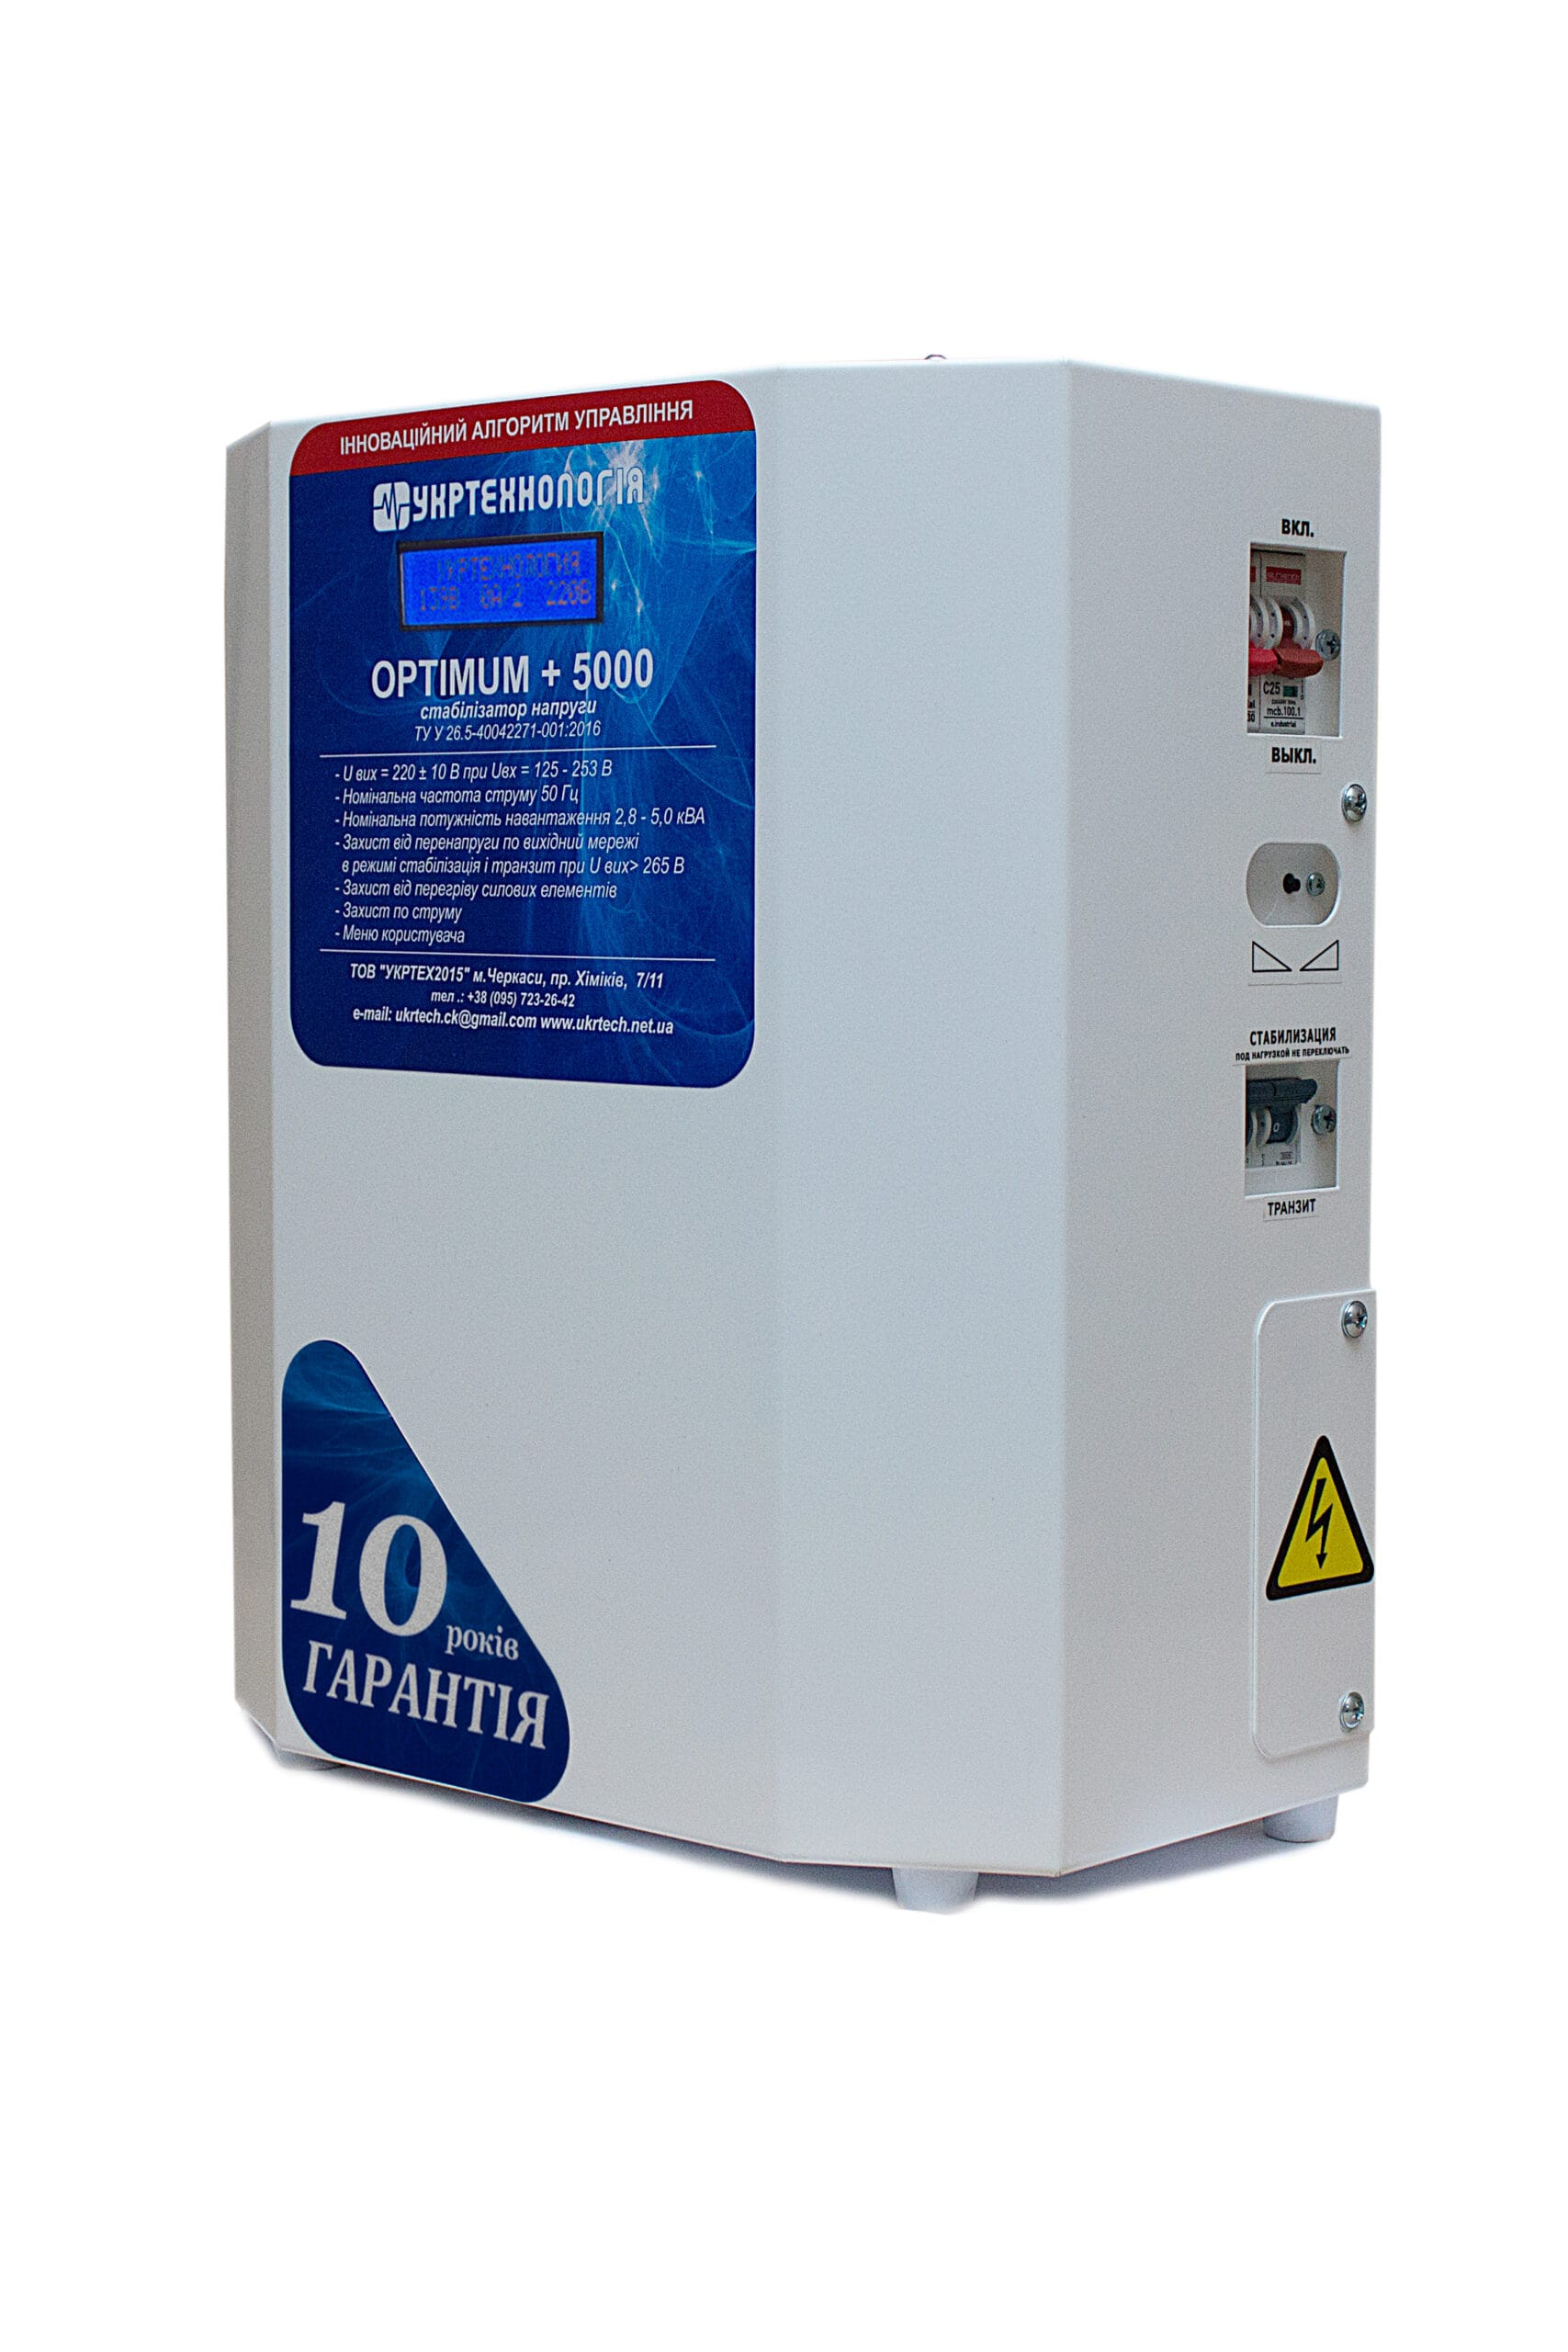 Стабилизаторы напряжения - Стабилизатор напряжения 5 кВт OPTIMUM 000001383 - Фото 2